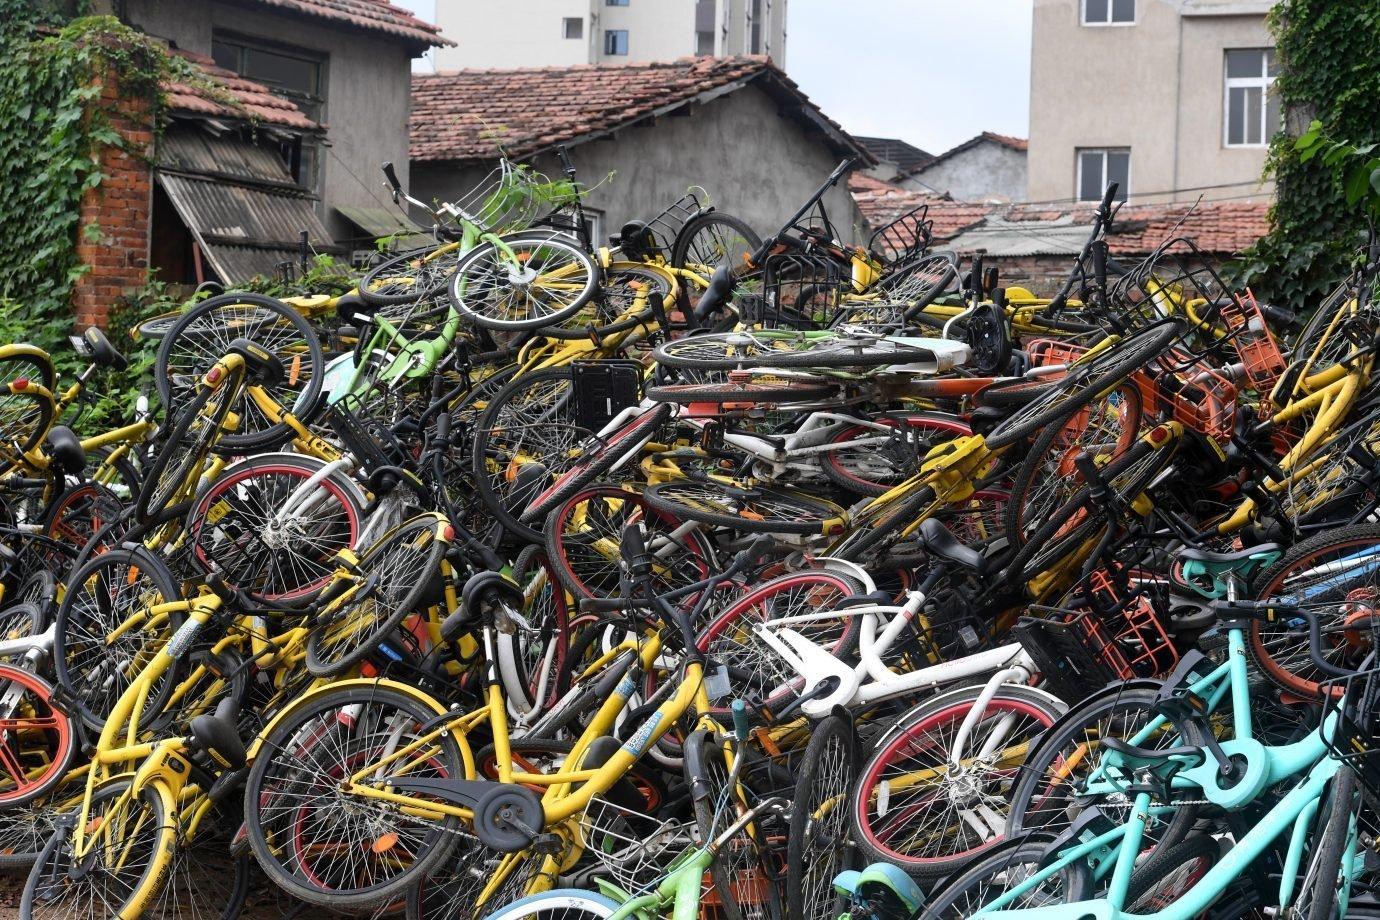 Bicicletas compartilhadas de várias startups jogadas no distrito de Wuchang, em Wuhan, na China